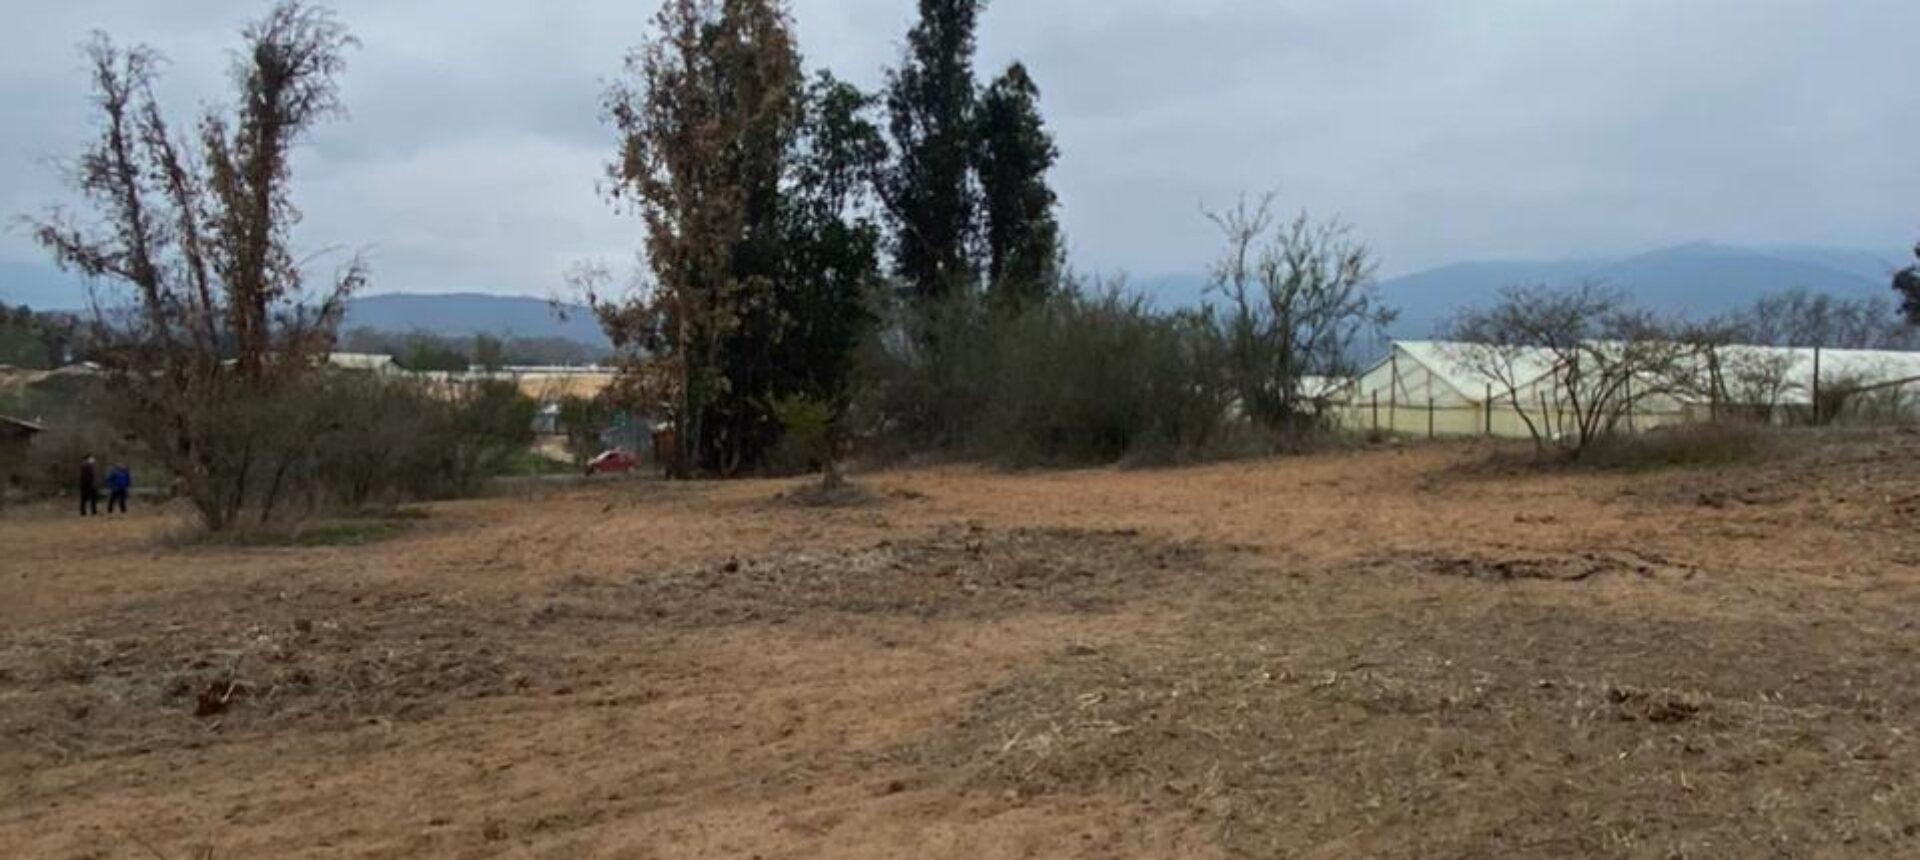 Excelente Parcela en Limache